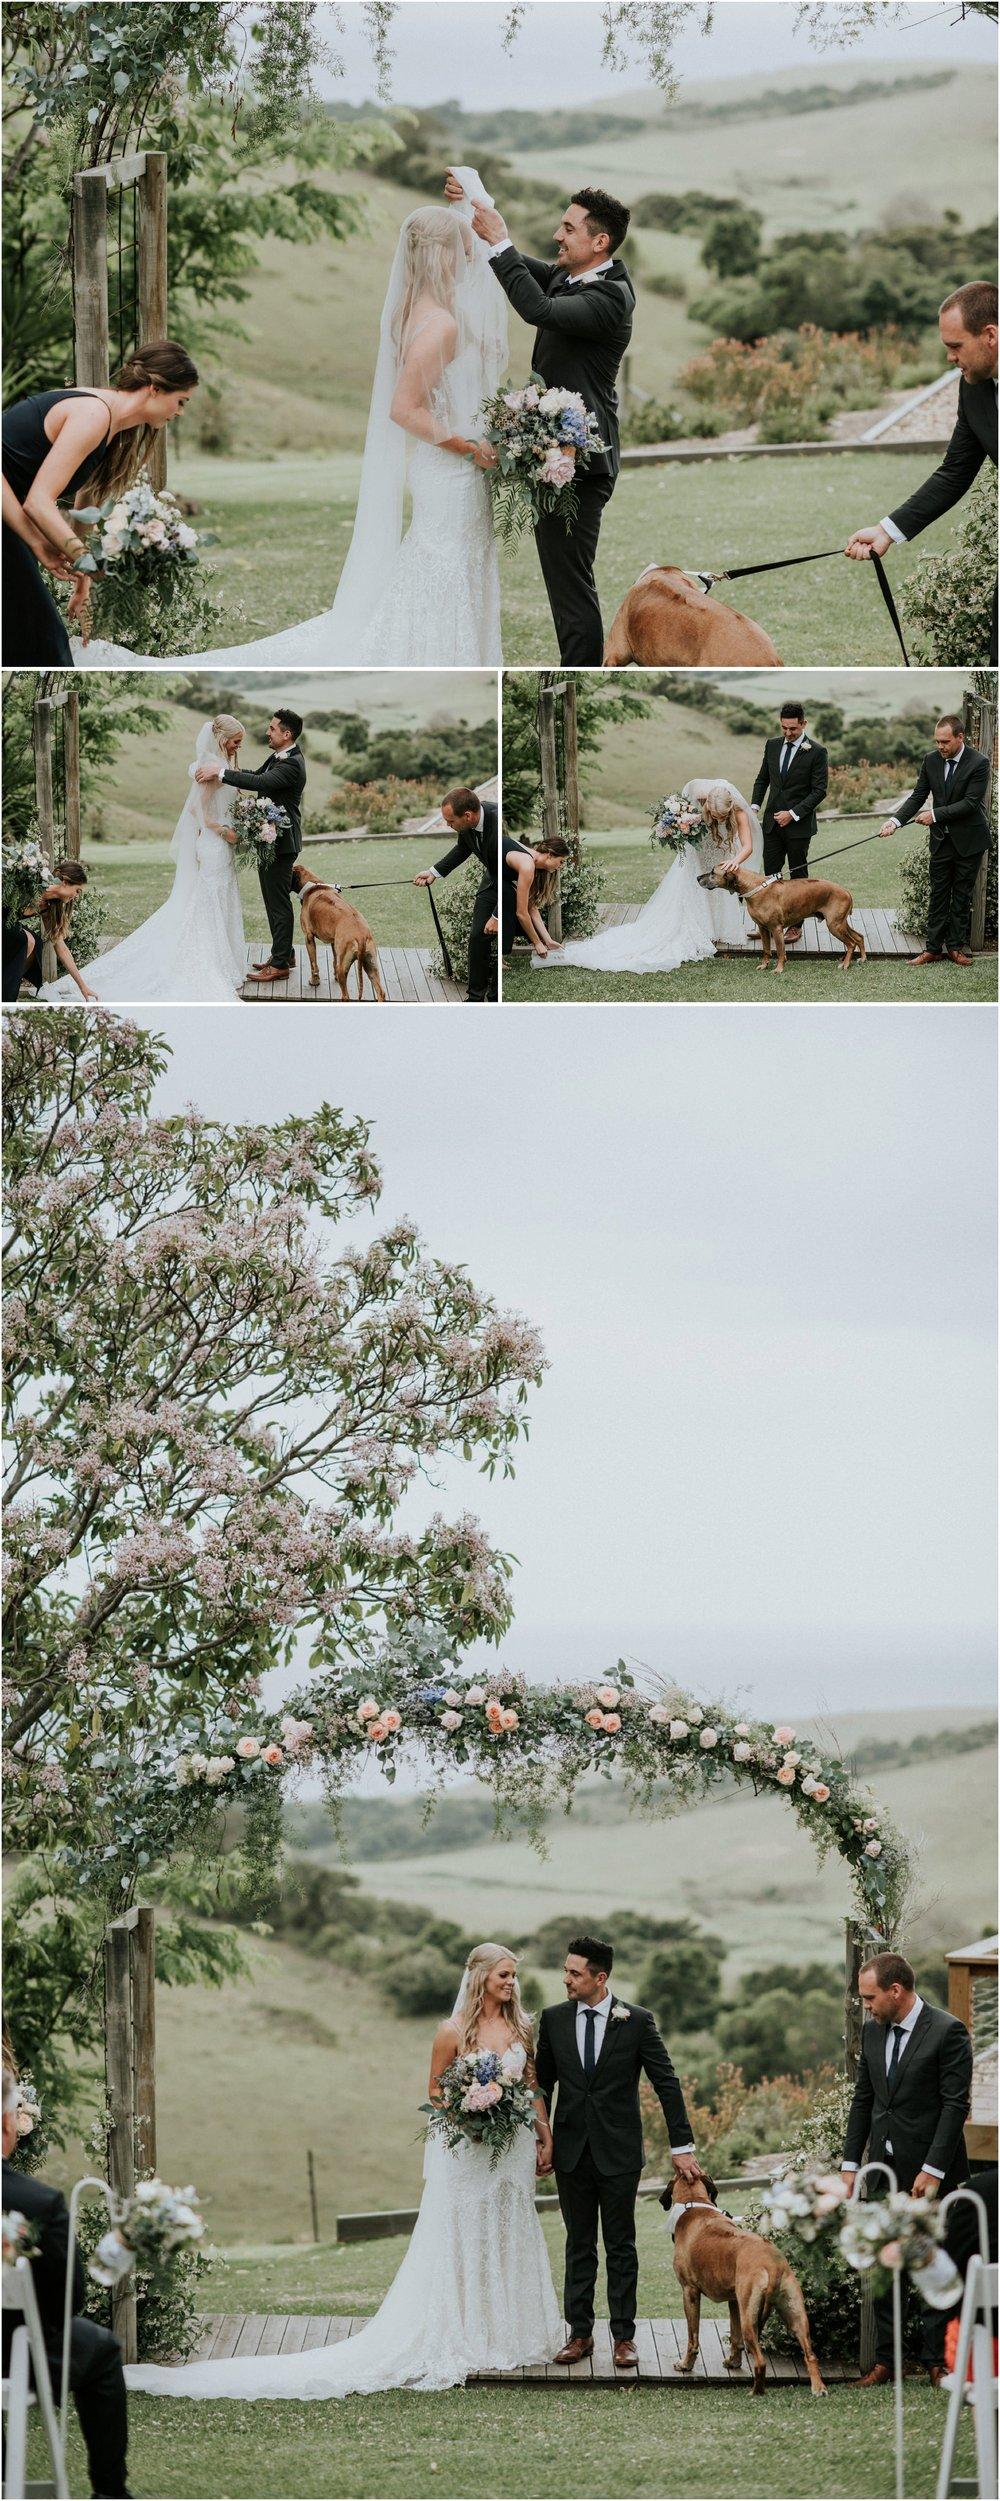 Bushbank Southern Highlands South Coast Wedding Jack Gilchrist Photography Sydney_0301.jpg